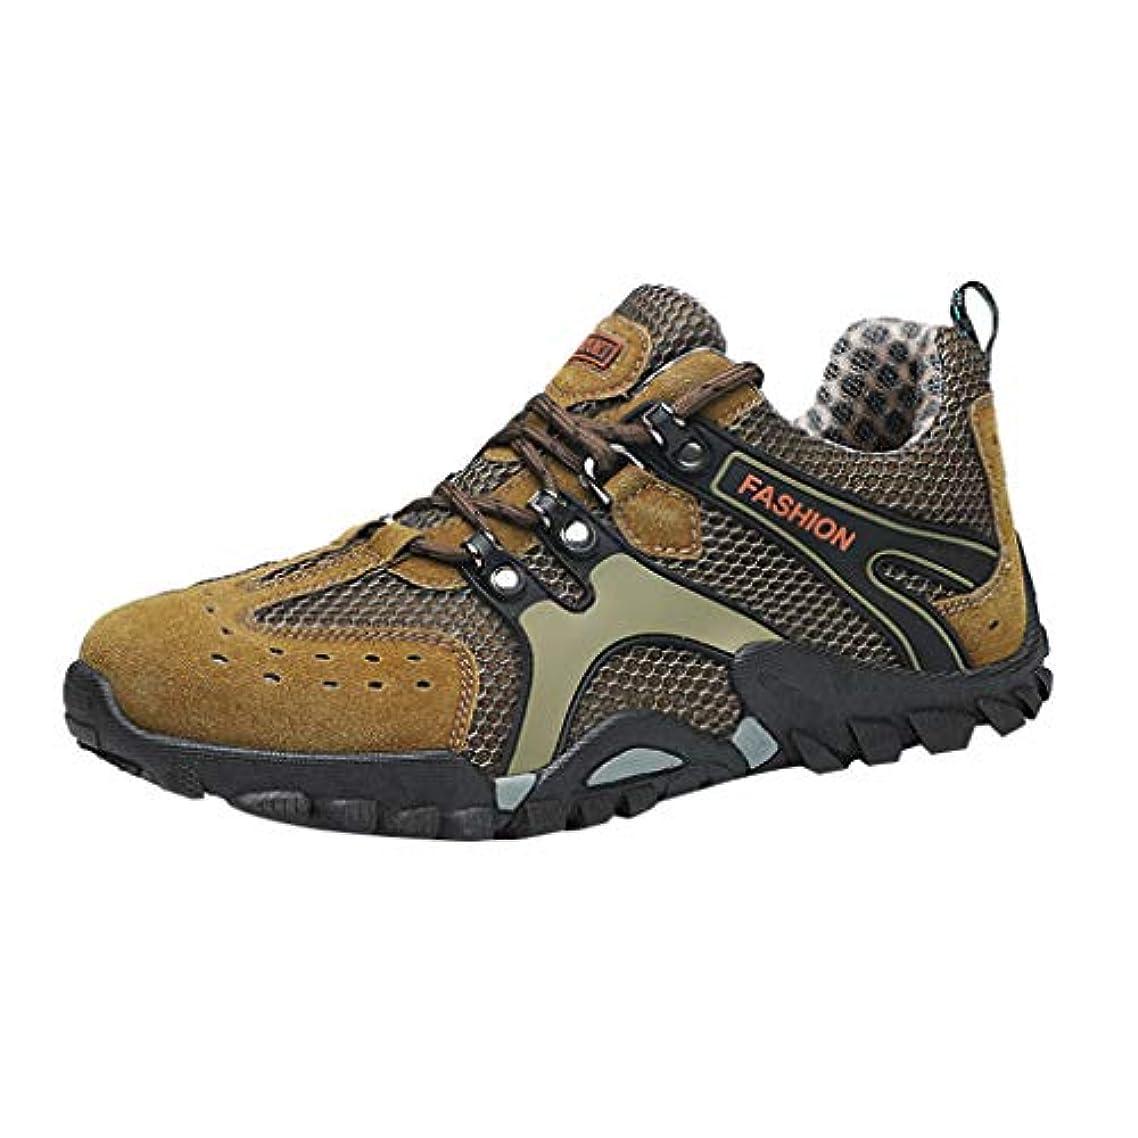 伸ばすボイドカート[XIAYE] スニーカー ランニングシューズ メンズ 軽量 防滑 通気 ウオーキング アウトドア トレーニングシューズ フィットネスシューズ 登山靴 旅行靴 24.5cm-28.0cm